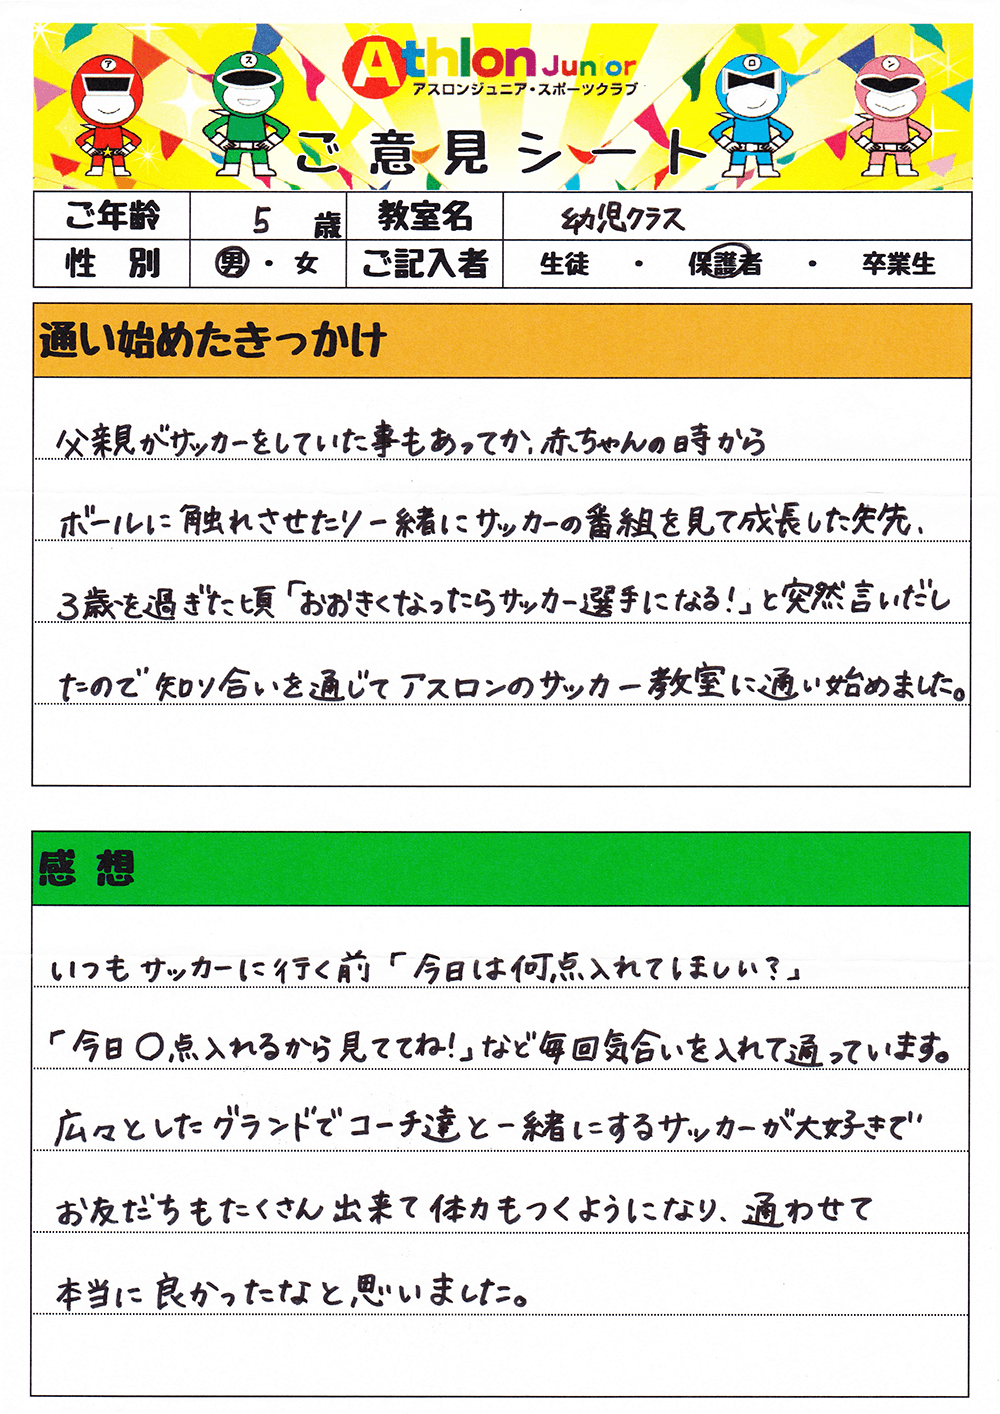 アンケート画像6